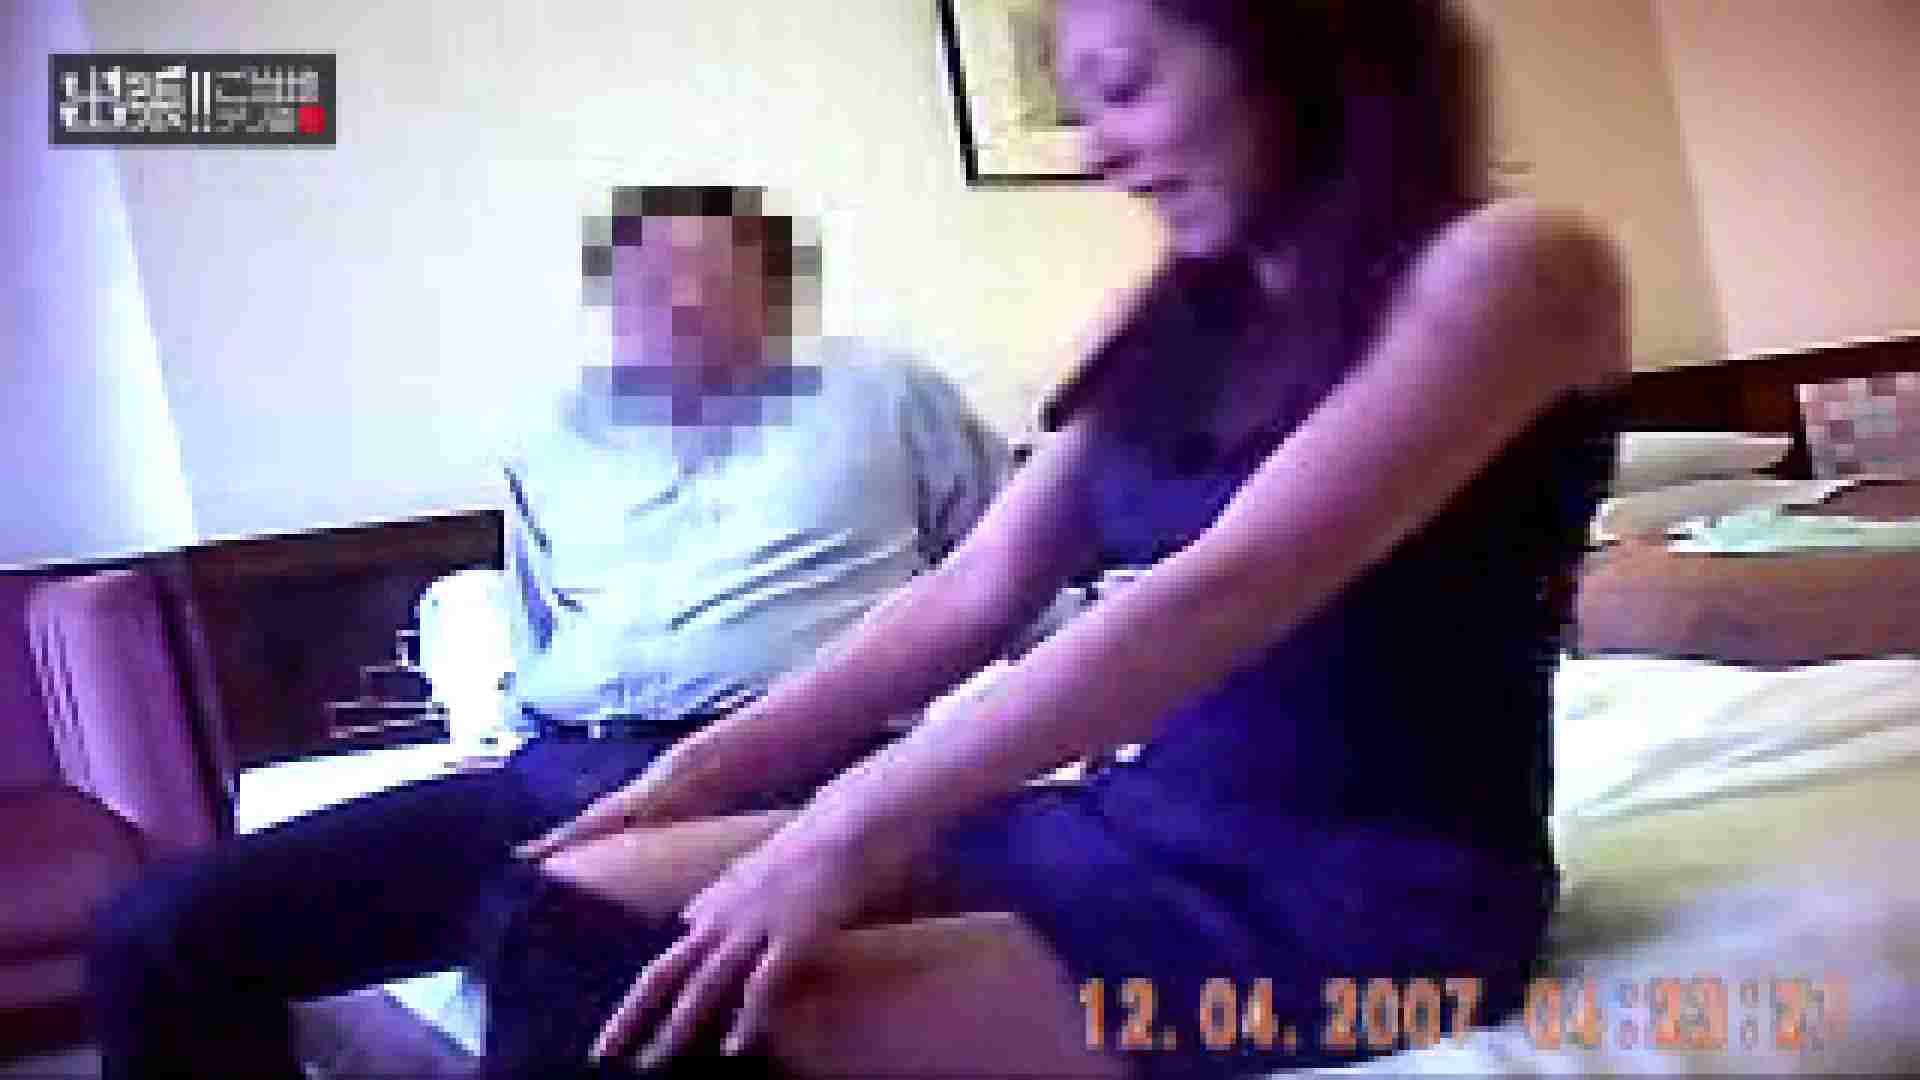 出張リーマンのデリ嬢隠し撮り第2弾vol.3 美しいOLの裸体 エロ画像 105pic 50